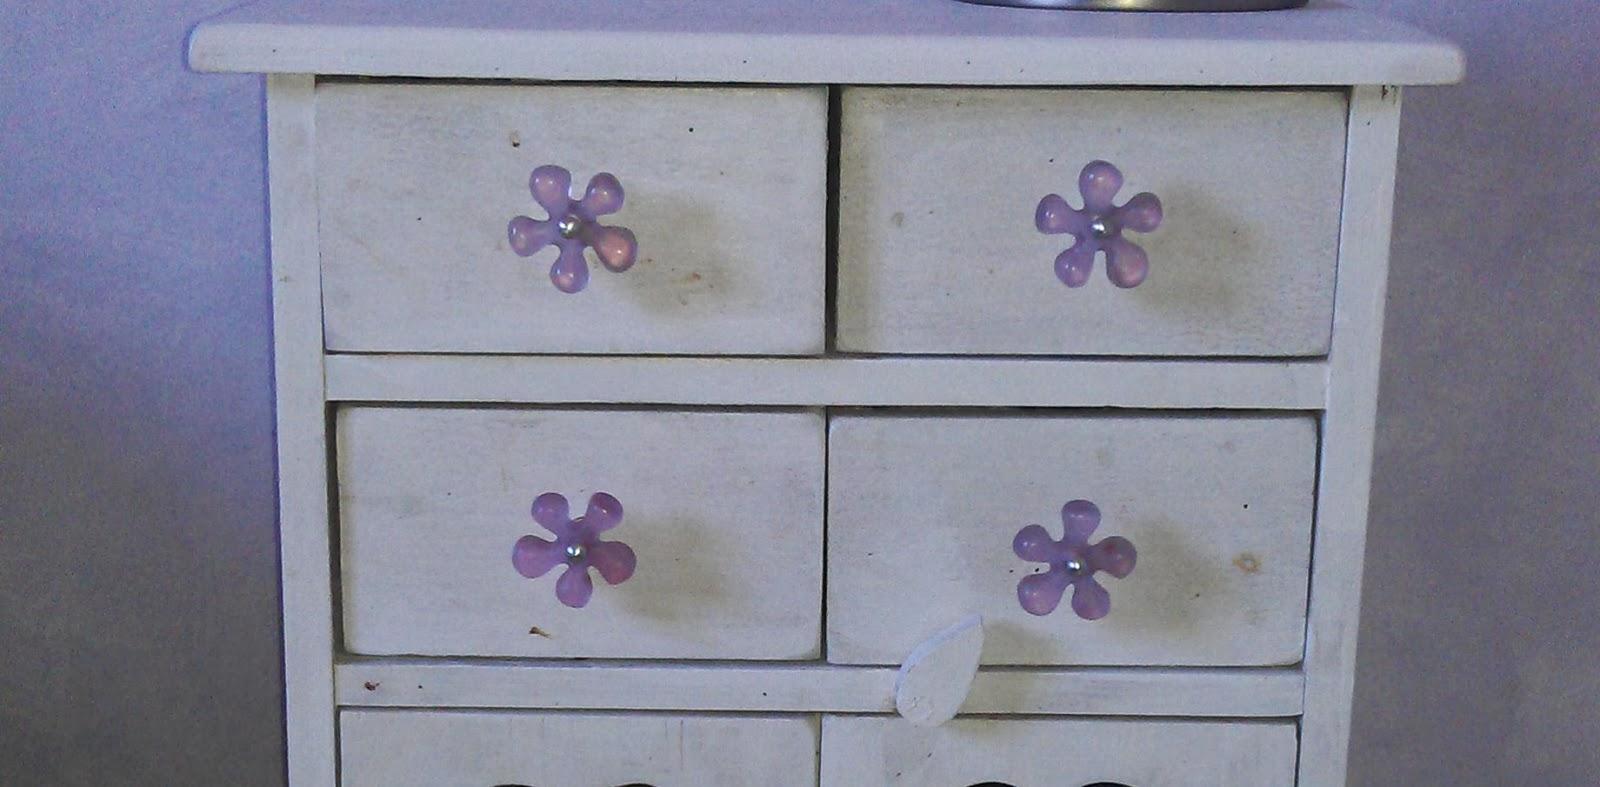 #565E75 Récup Et Fait Maison: Des Idées Récup Et Déco  6421 décoration noel fait maison recup 1600x787 px @ aertt.com